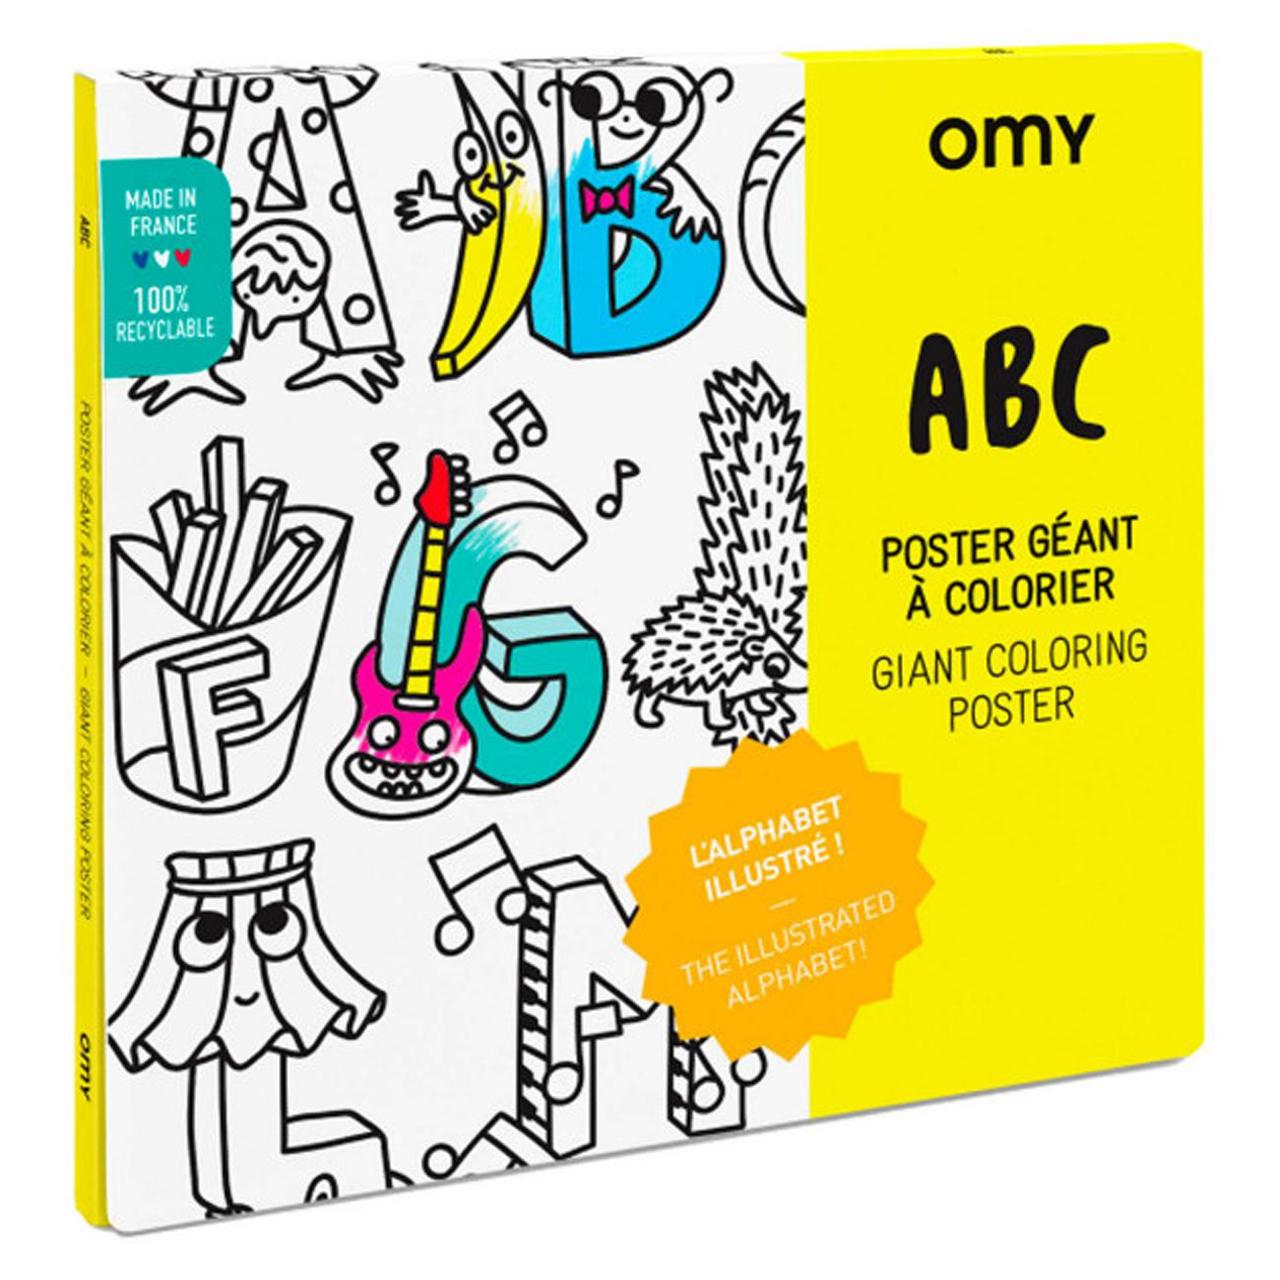 OMY Ausmalposter Deutschland Giant Coloring Poster Germany - zuckerfrei | Kids Concept Store